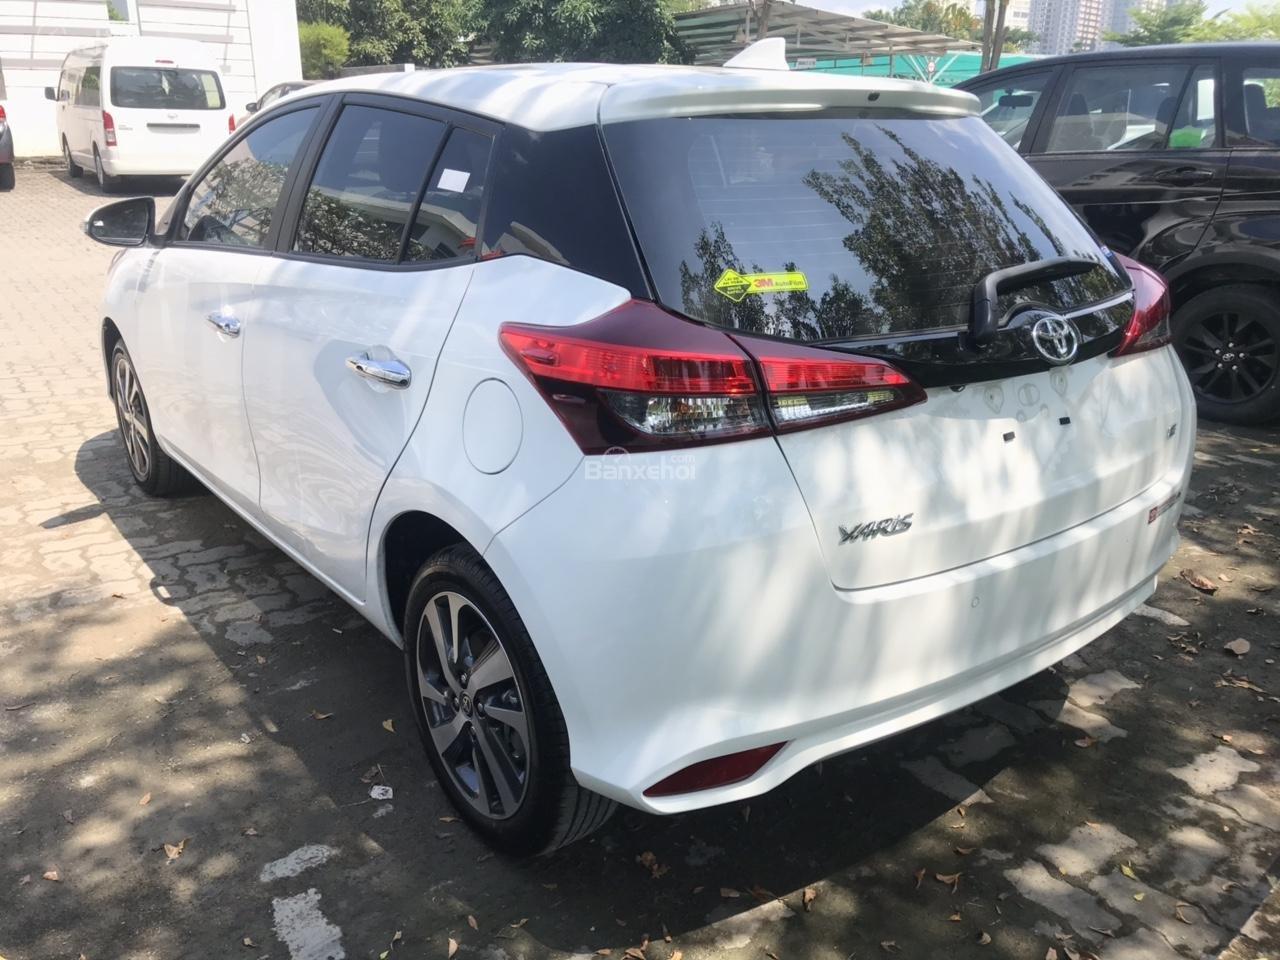 Bán Toyota Yaris nhập khẩu Thái Lan - Giá ưu đãi, xe giao ngay đủ màu, liên hệ 0902.1717.20 nhận ngay ưu đãi-2